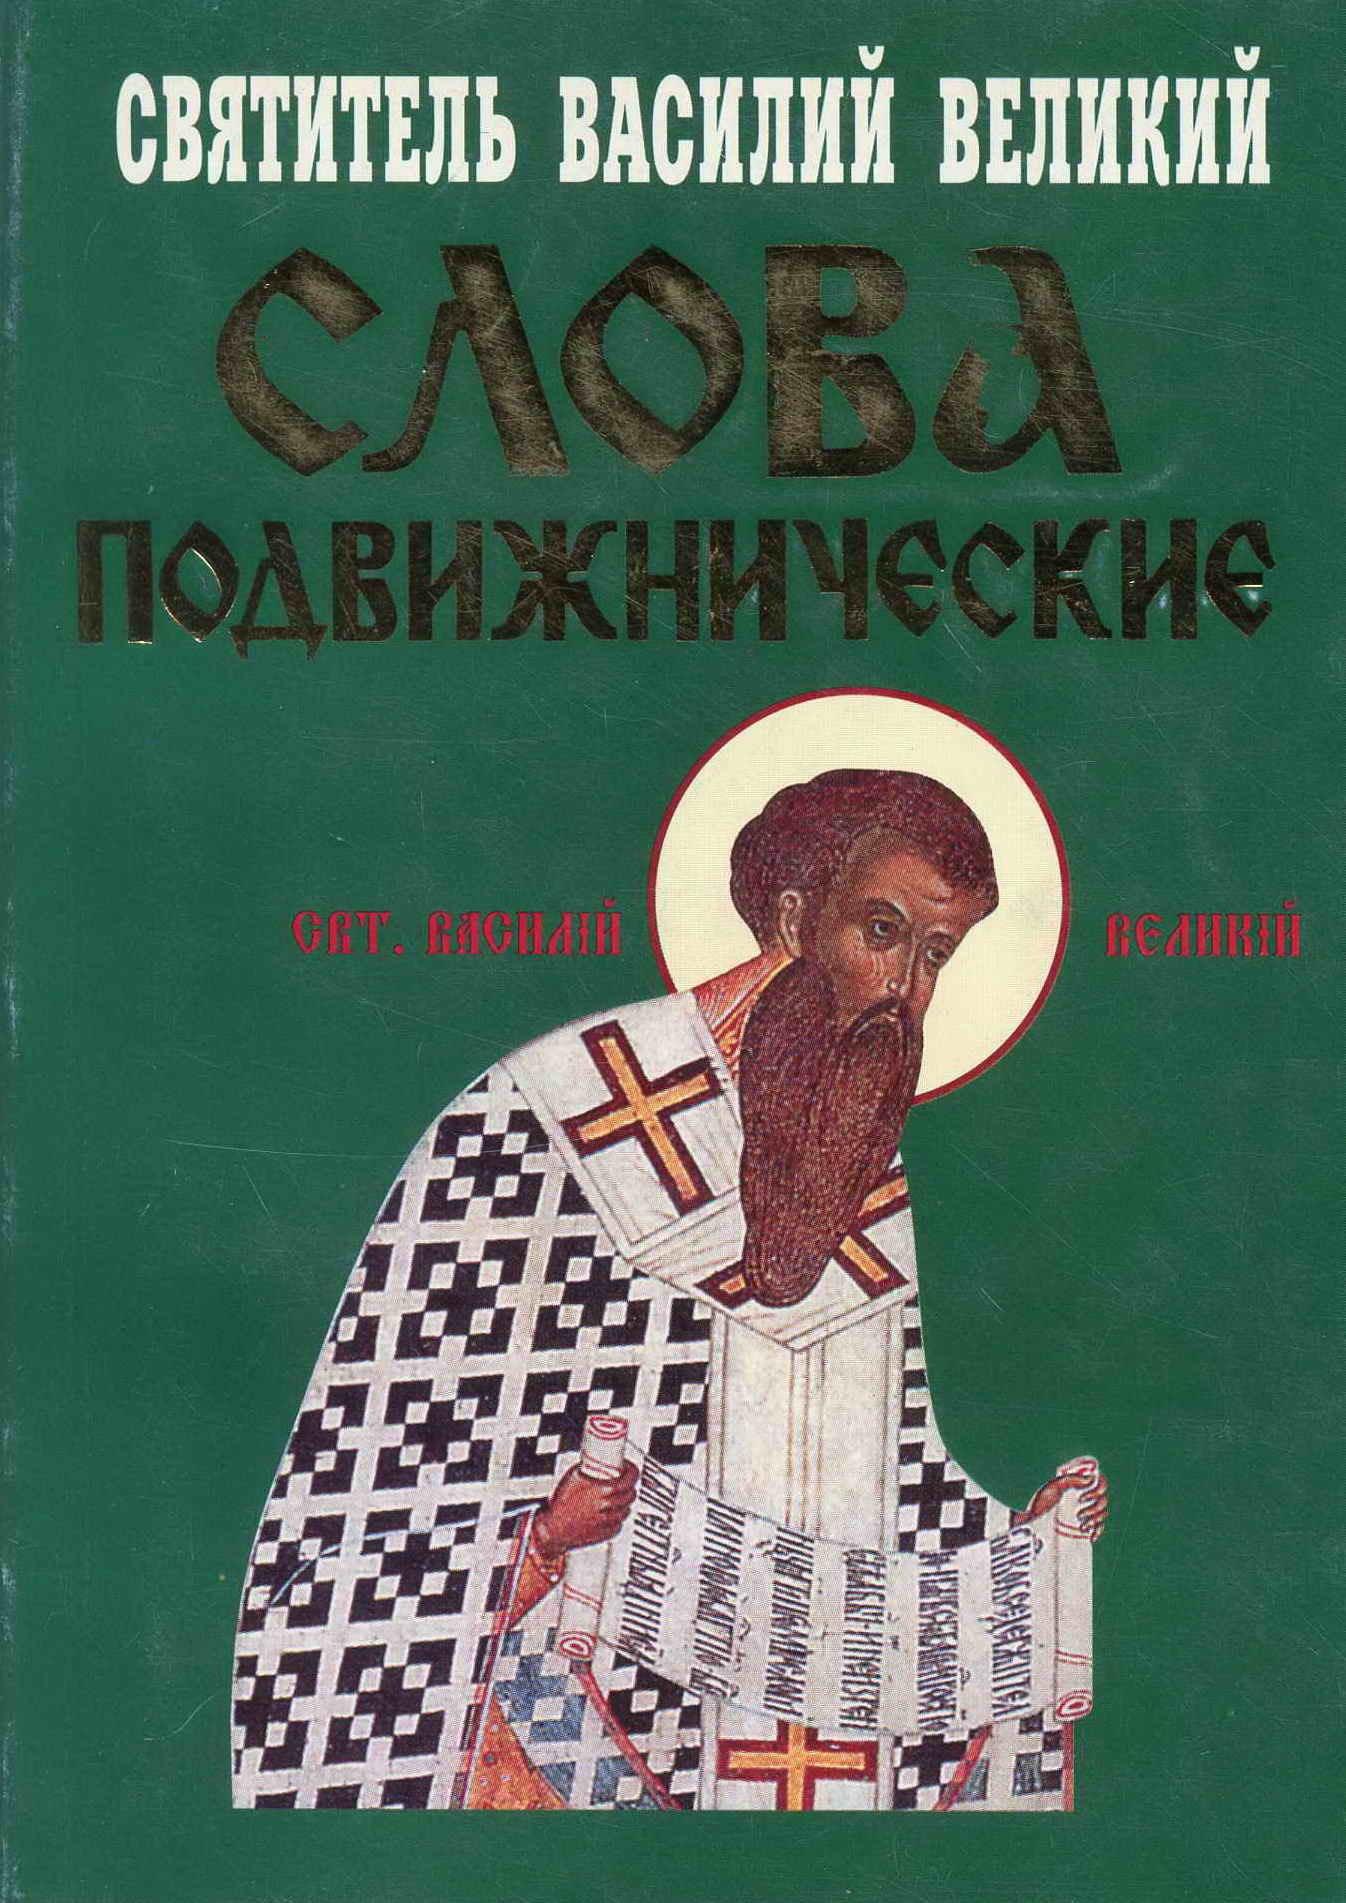 святитель Василий Великий Слова подвижнические филипп дженкинс войны за иисуса как церковь решала во что верить